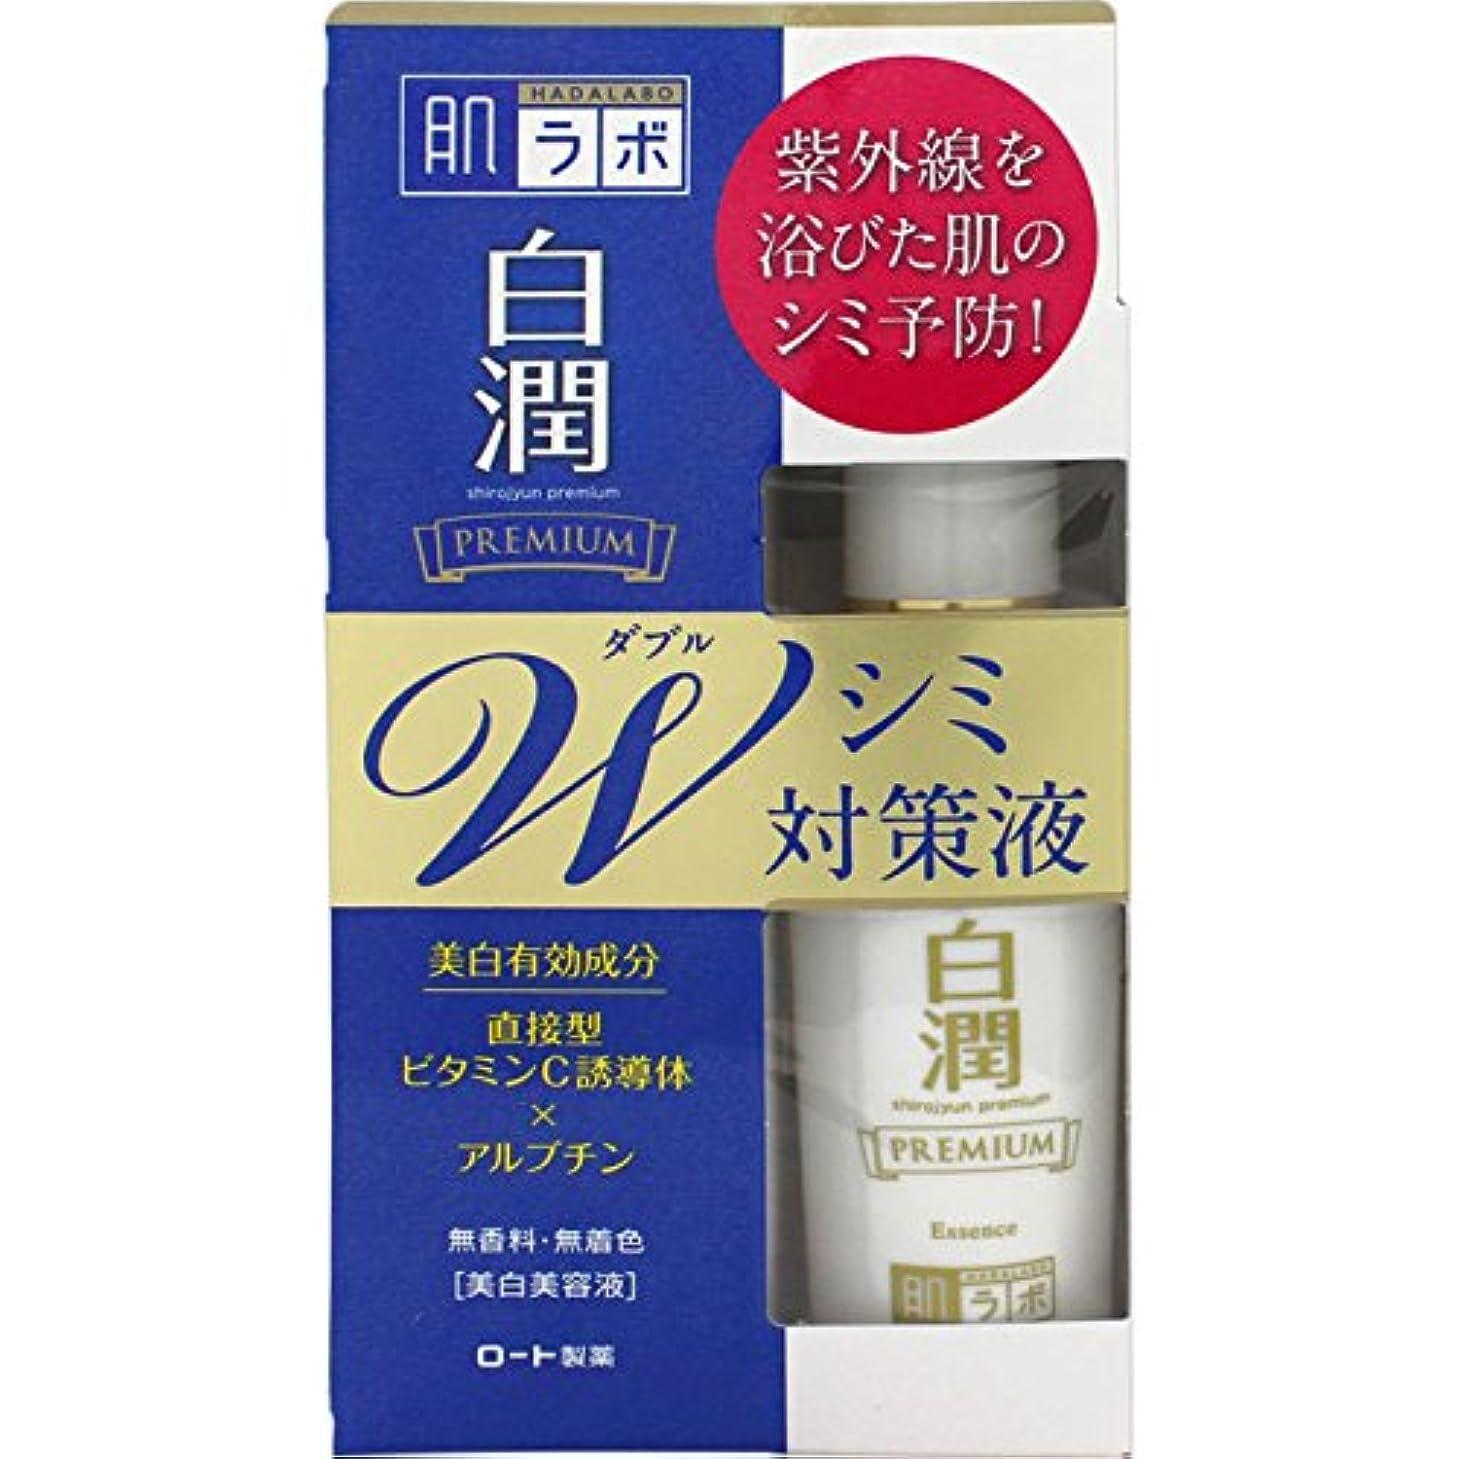 素子スキームどんなときも【医薬部外品】肌ラボ 白潤 プレミアムW美白美容液 シミ予防 美白有効成分高純度ビタミンC×アルブチン配合 40mL